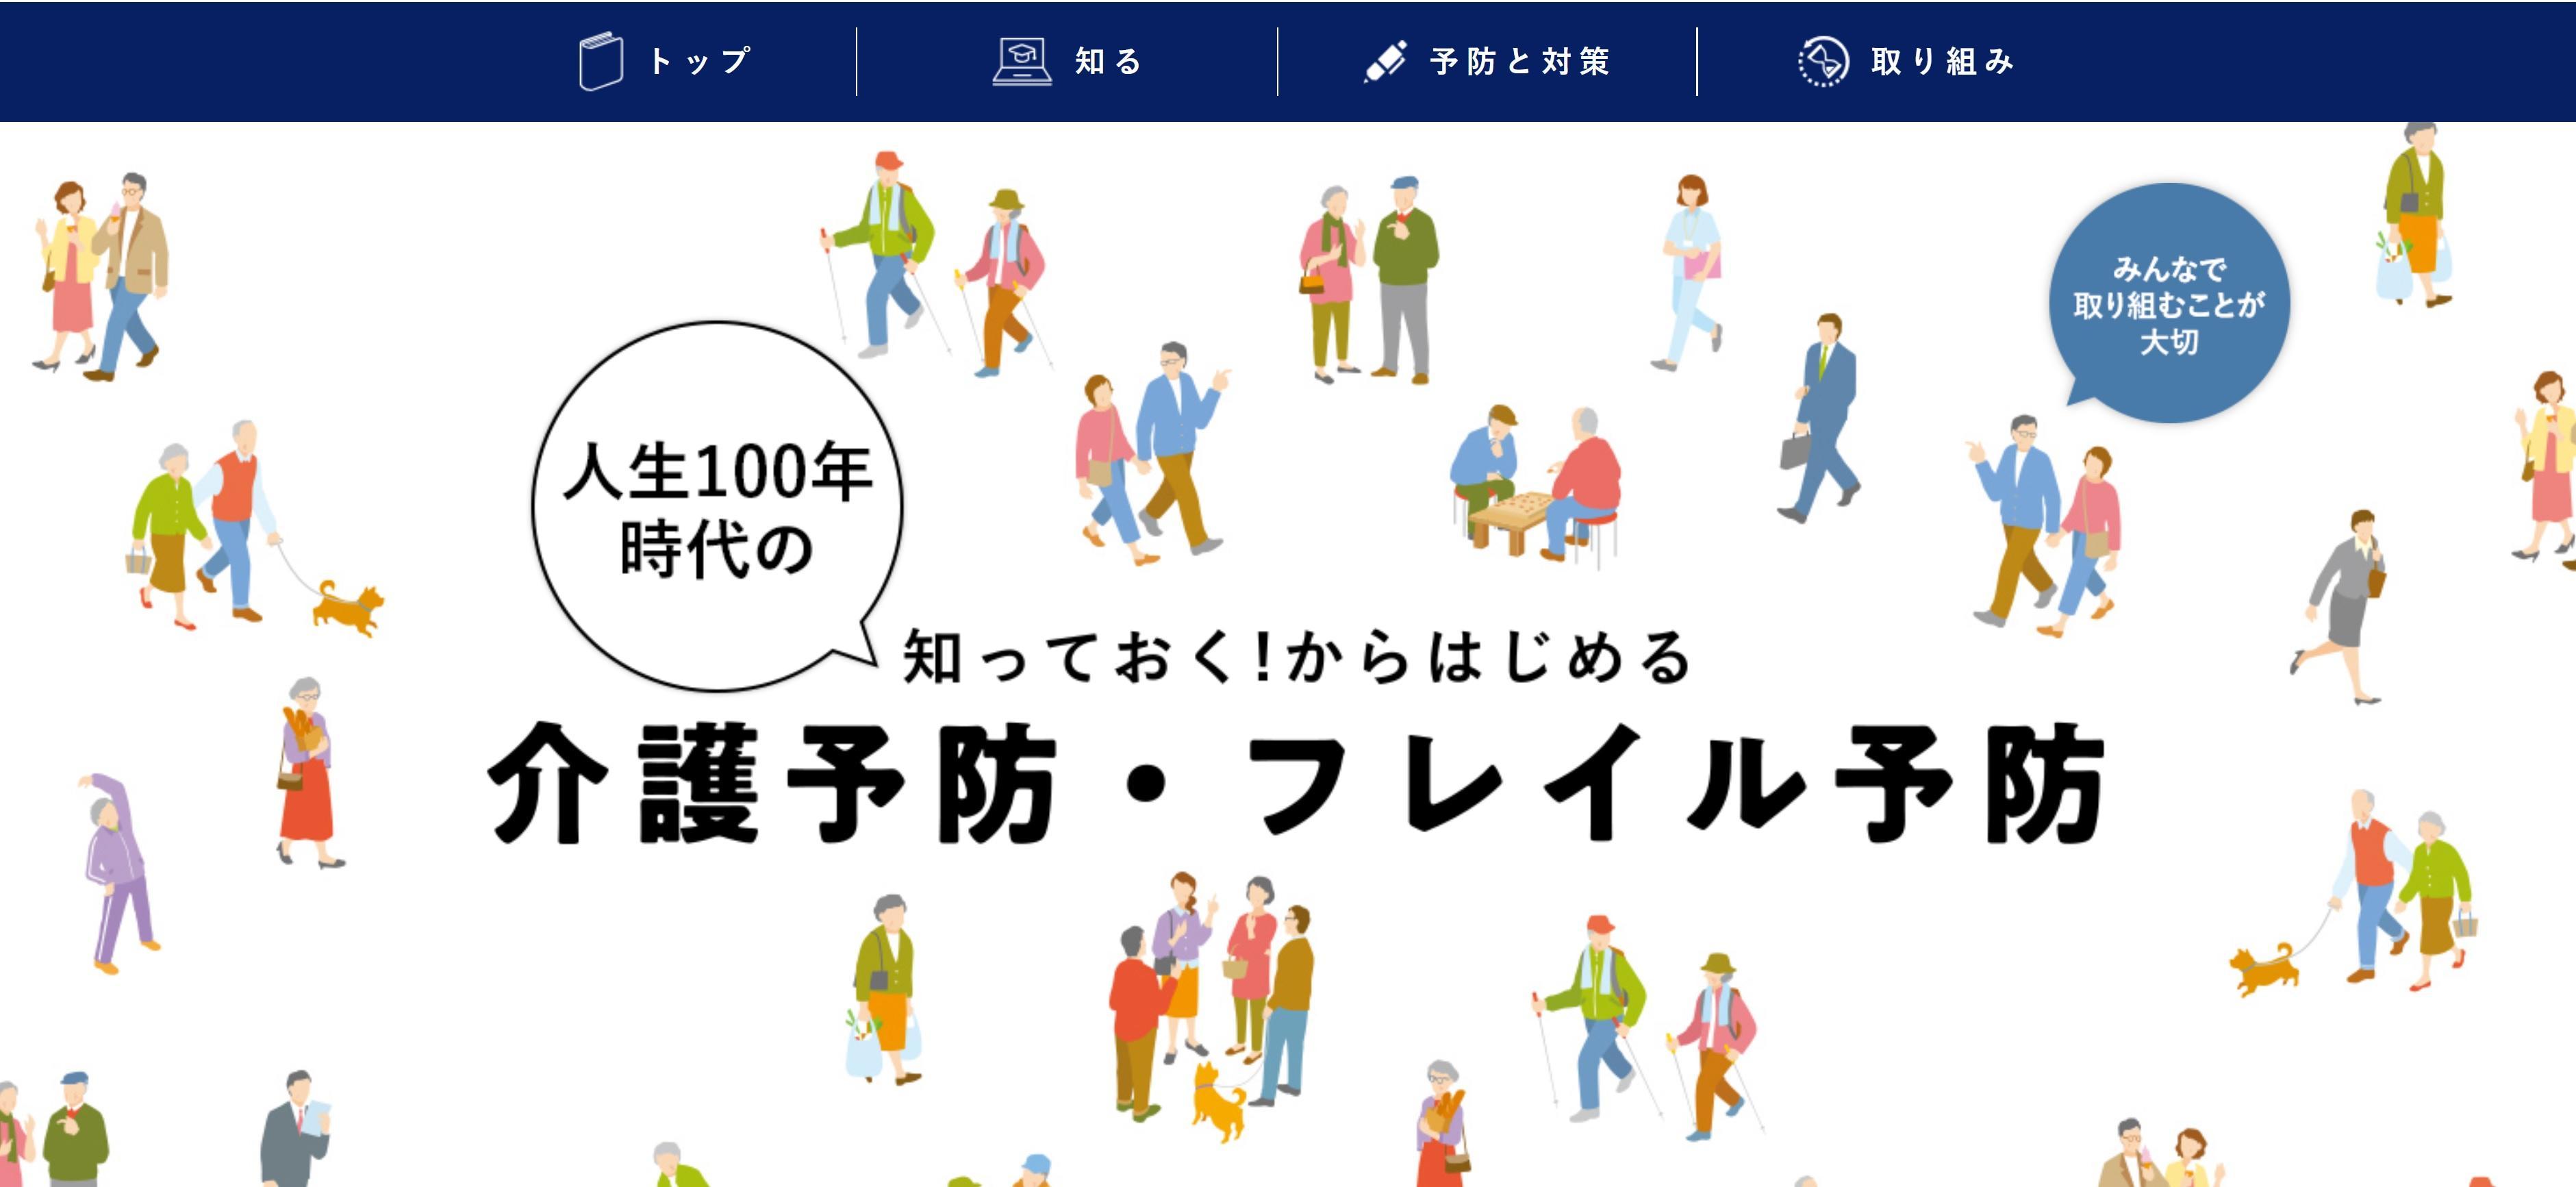 東京都が「介護予防・フレイル予防ポータル」を開設~早期からの介護予防を啓発